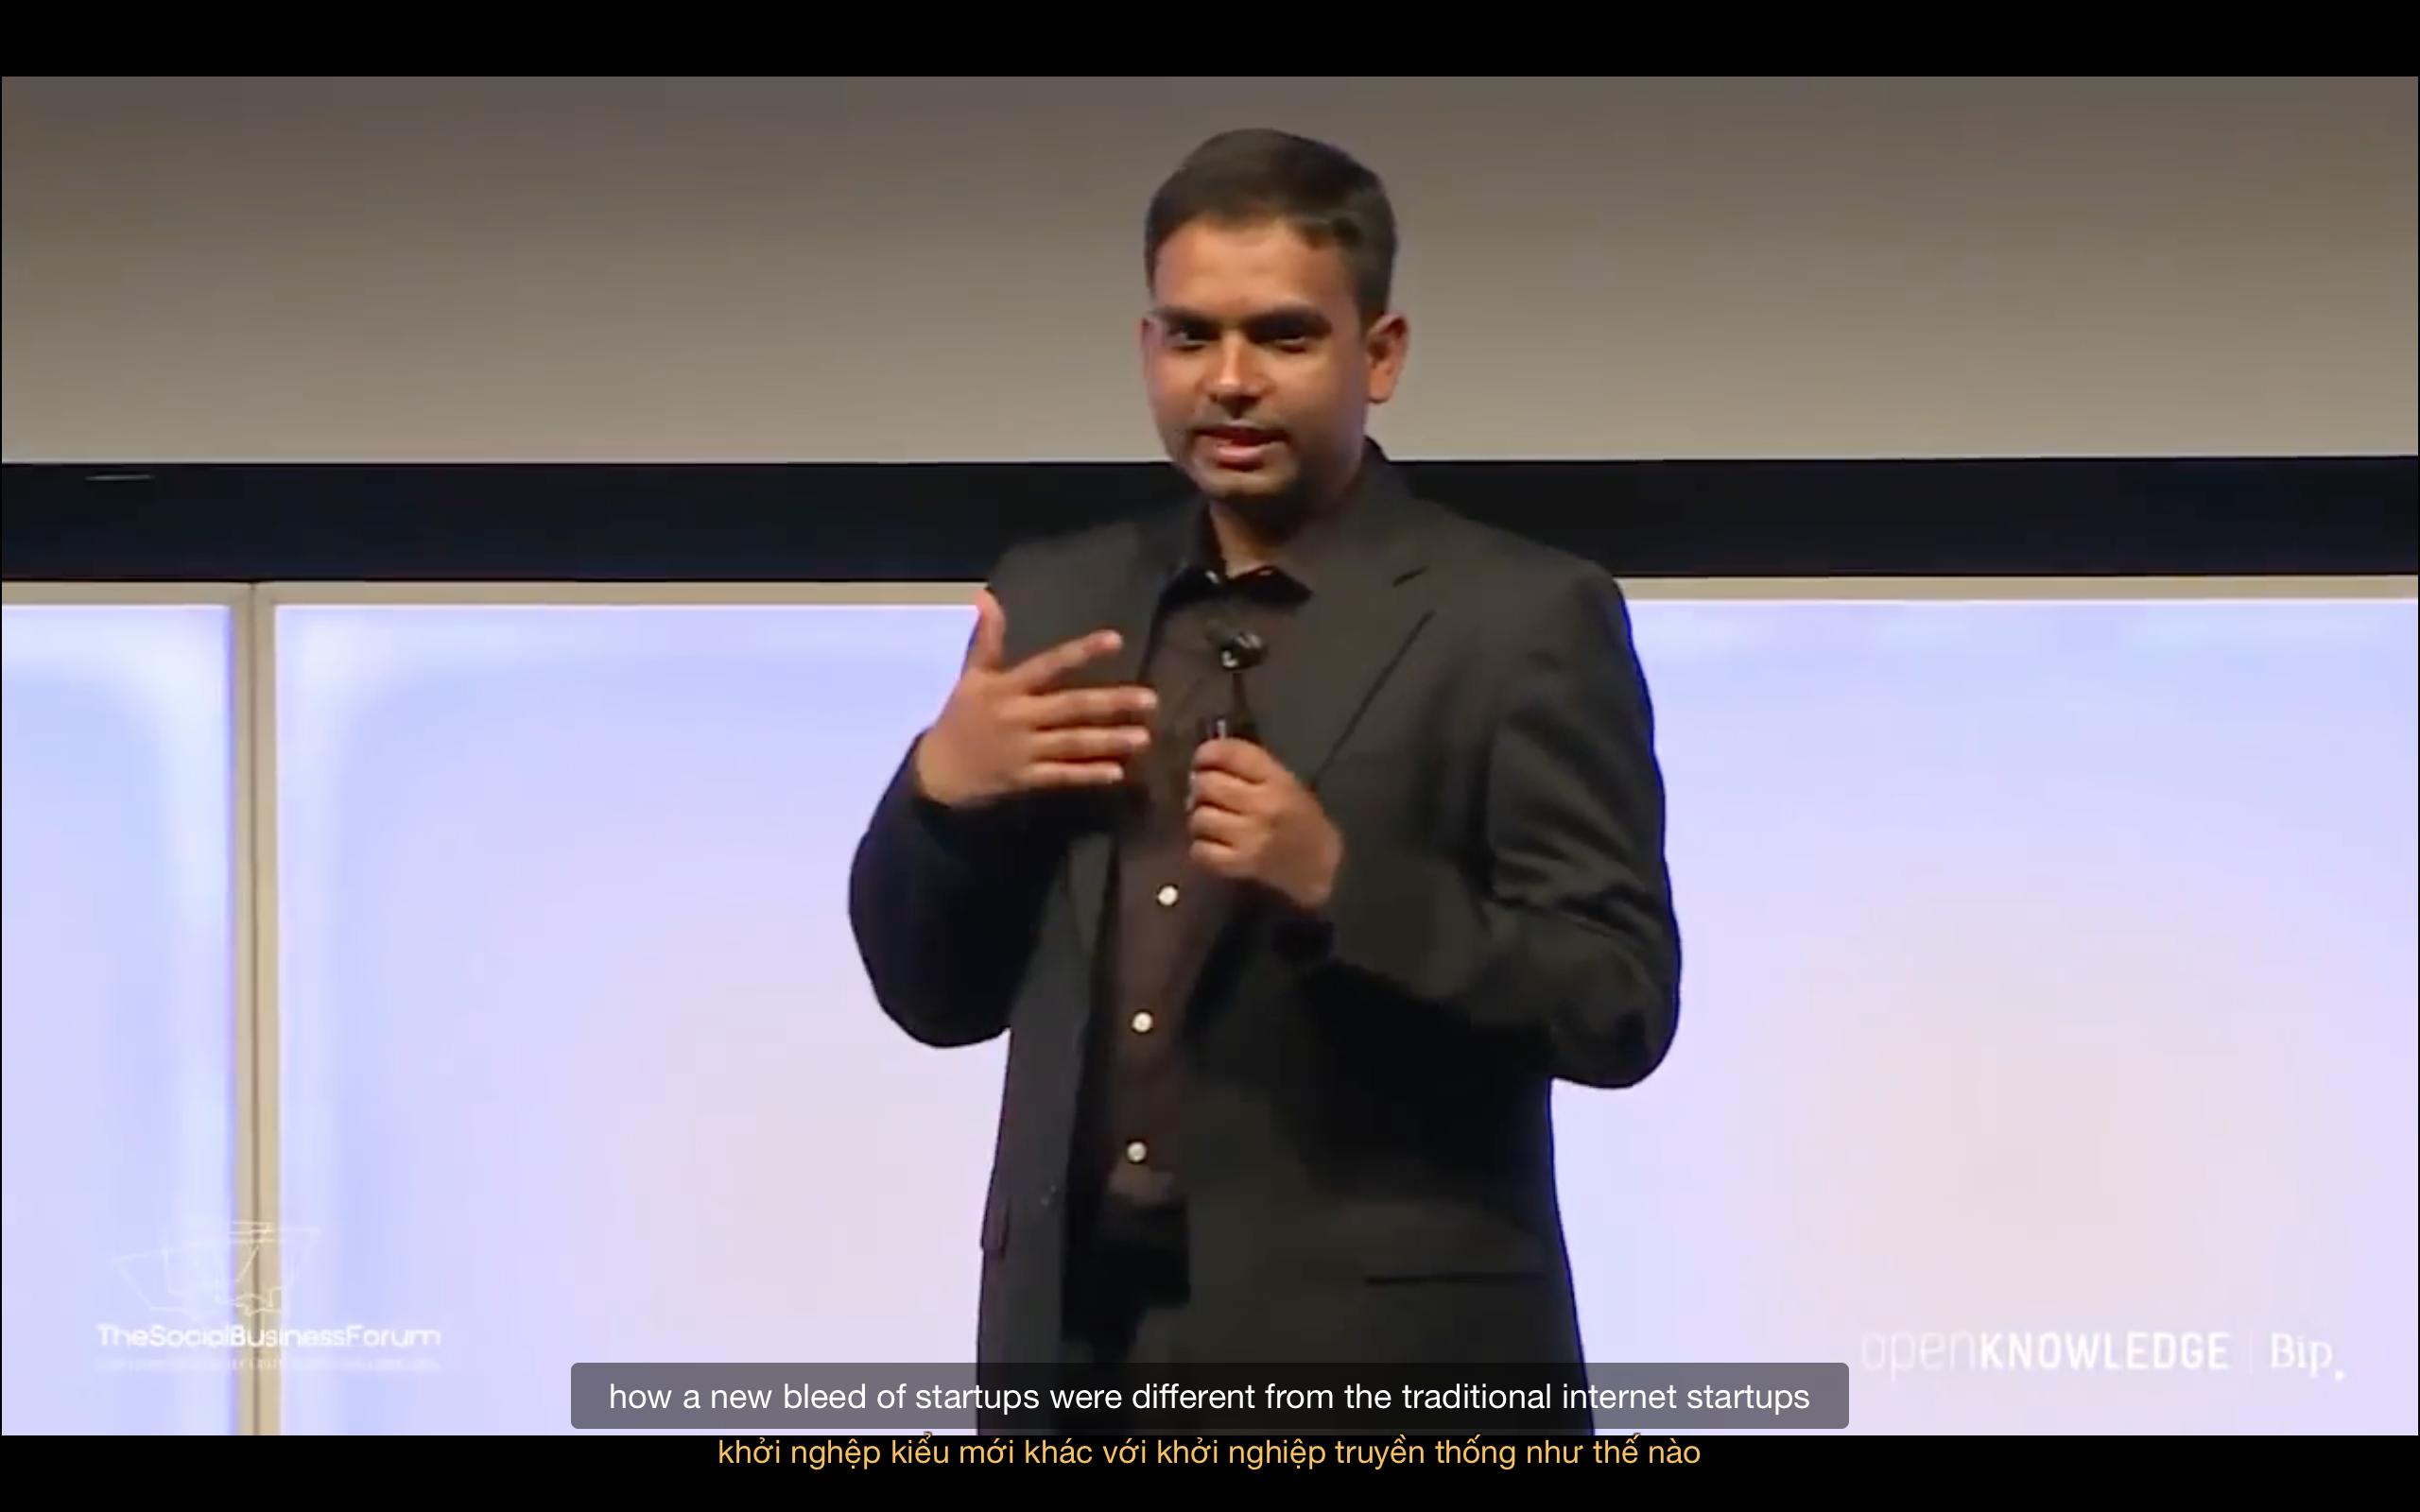 [Startup] Cuộc Cách Mạng Nền Tảng | Bài Nói Chuyện Của Sangeet Tại Social Business Forum, 2016